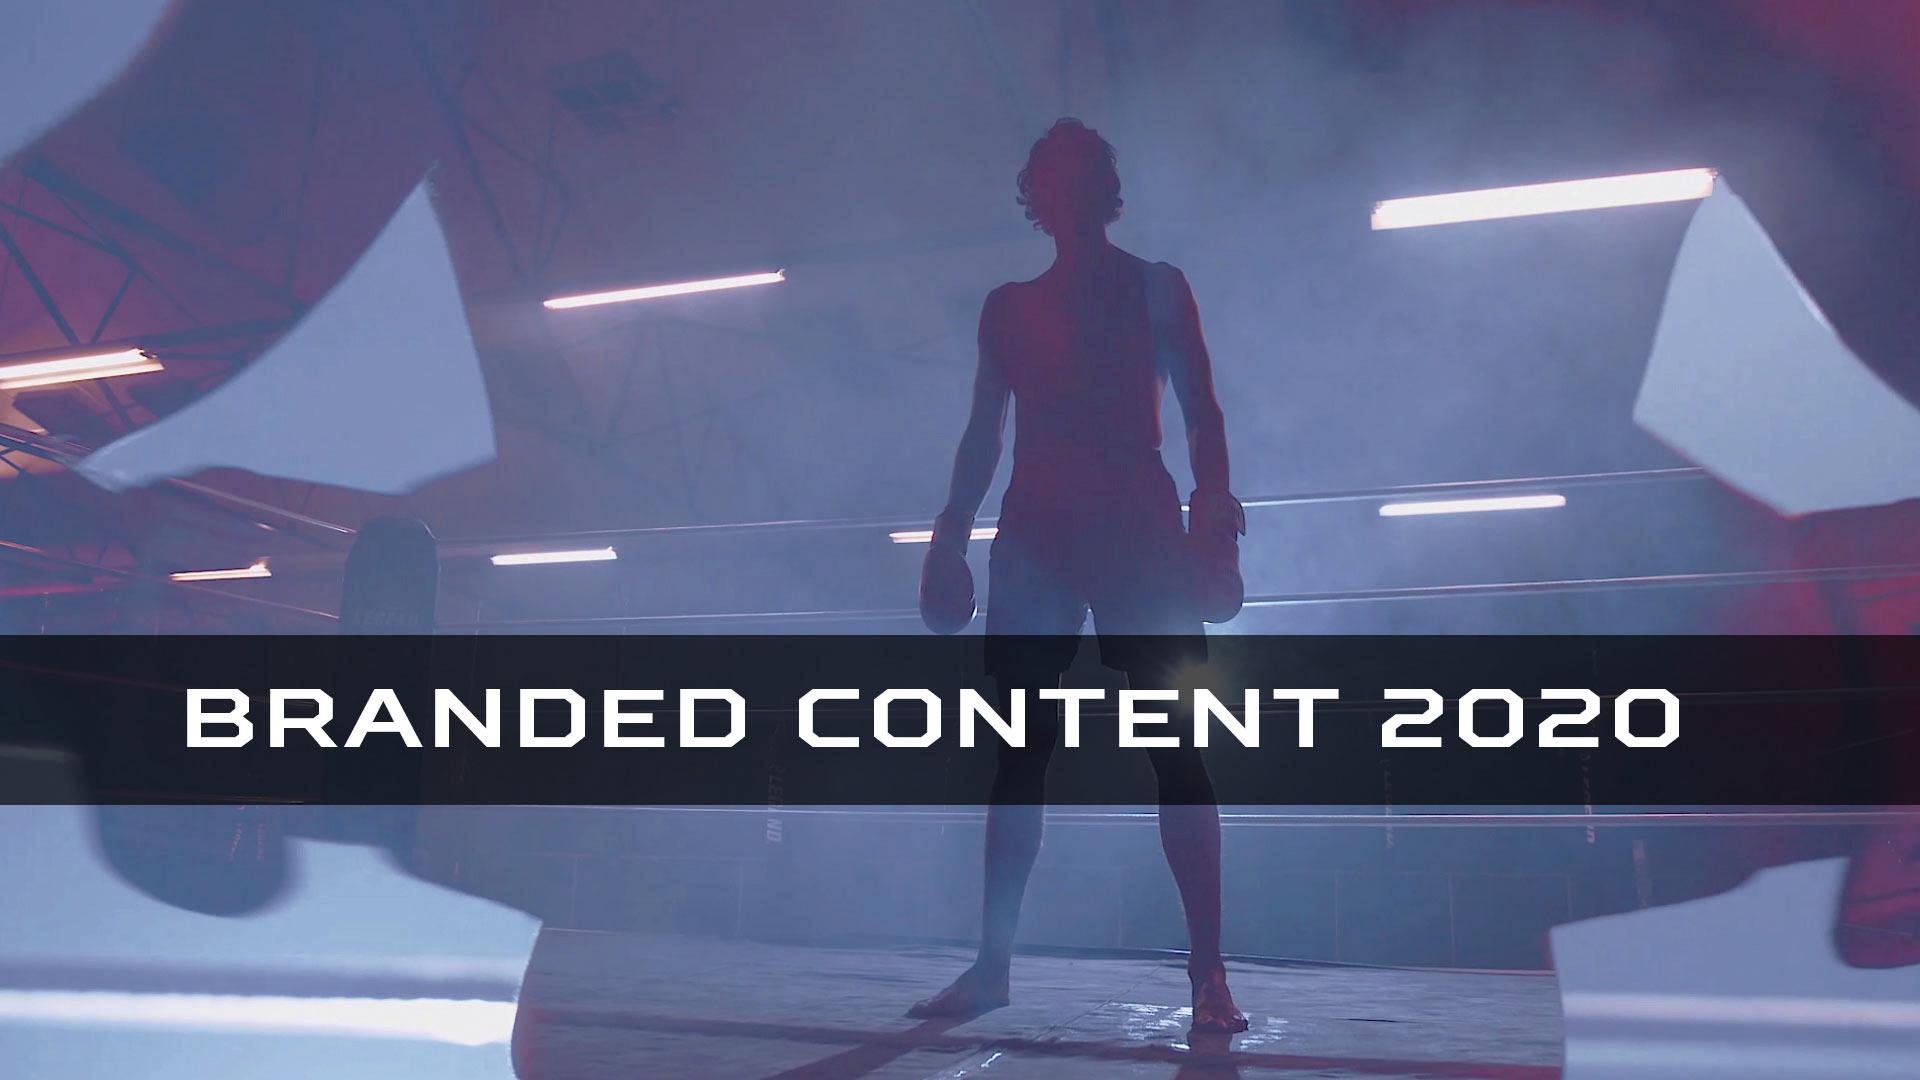 Branded Content 2020 pixelheaven.tv